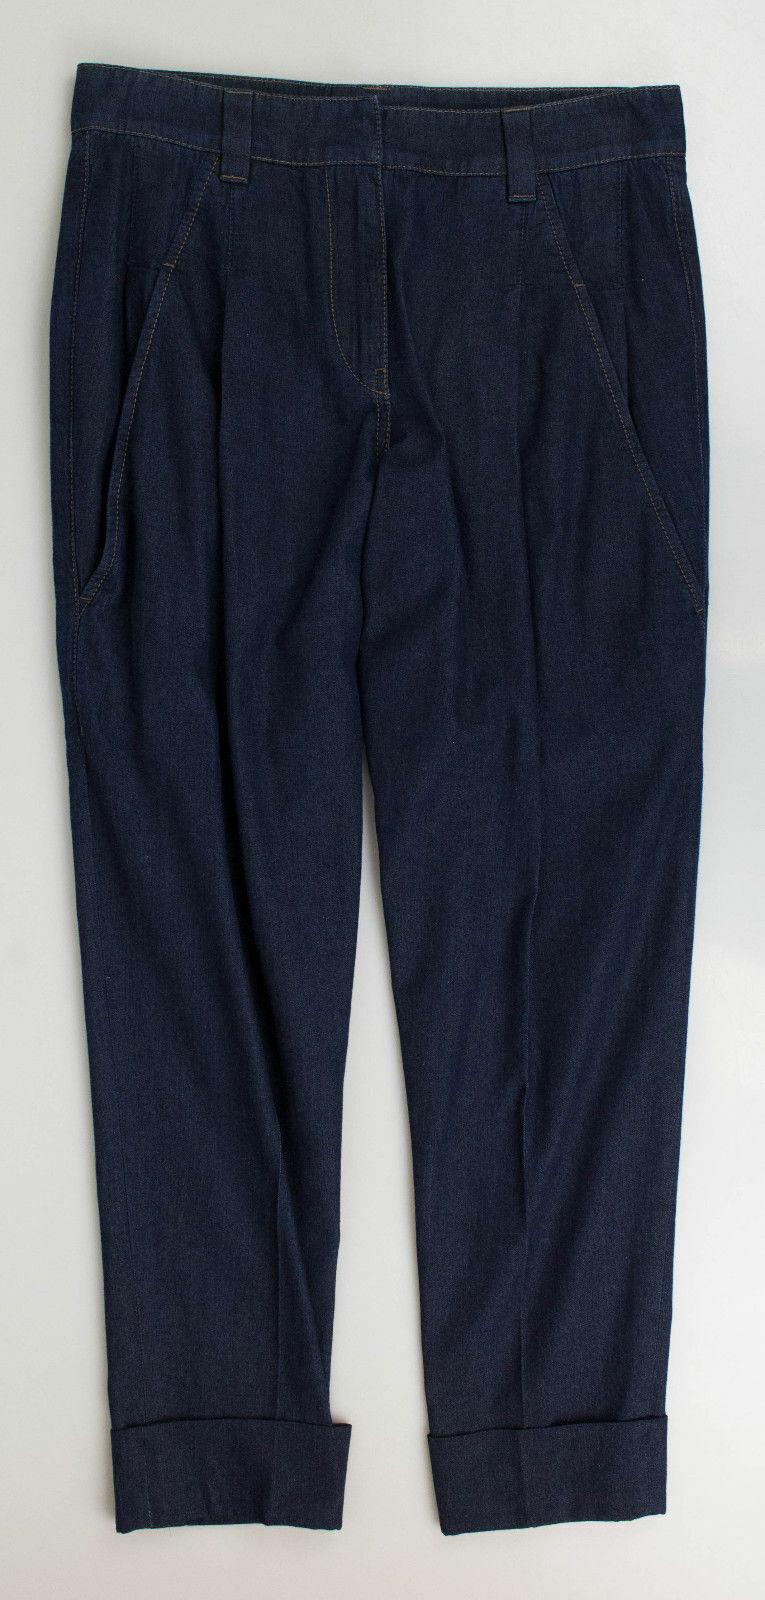 Nuevo BRUNELLO CUCINELLI Azul Algodón  Con Cuero Plisado Pantalones Informales 38 2  1000  apresurado a ver